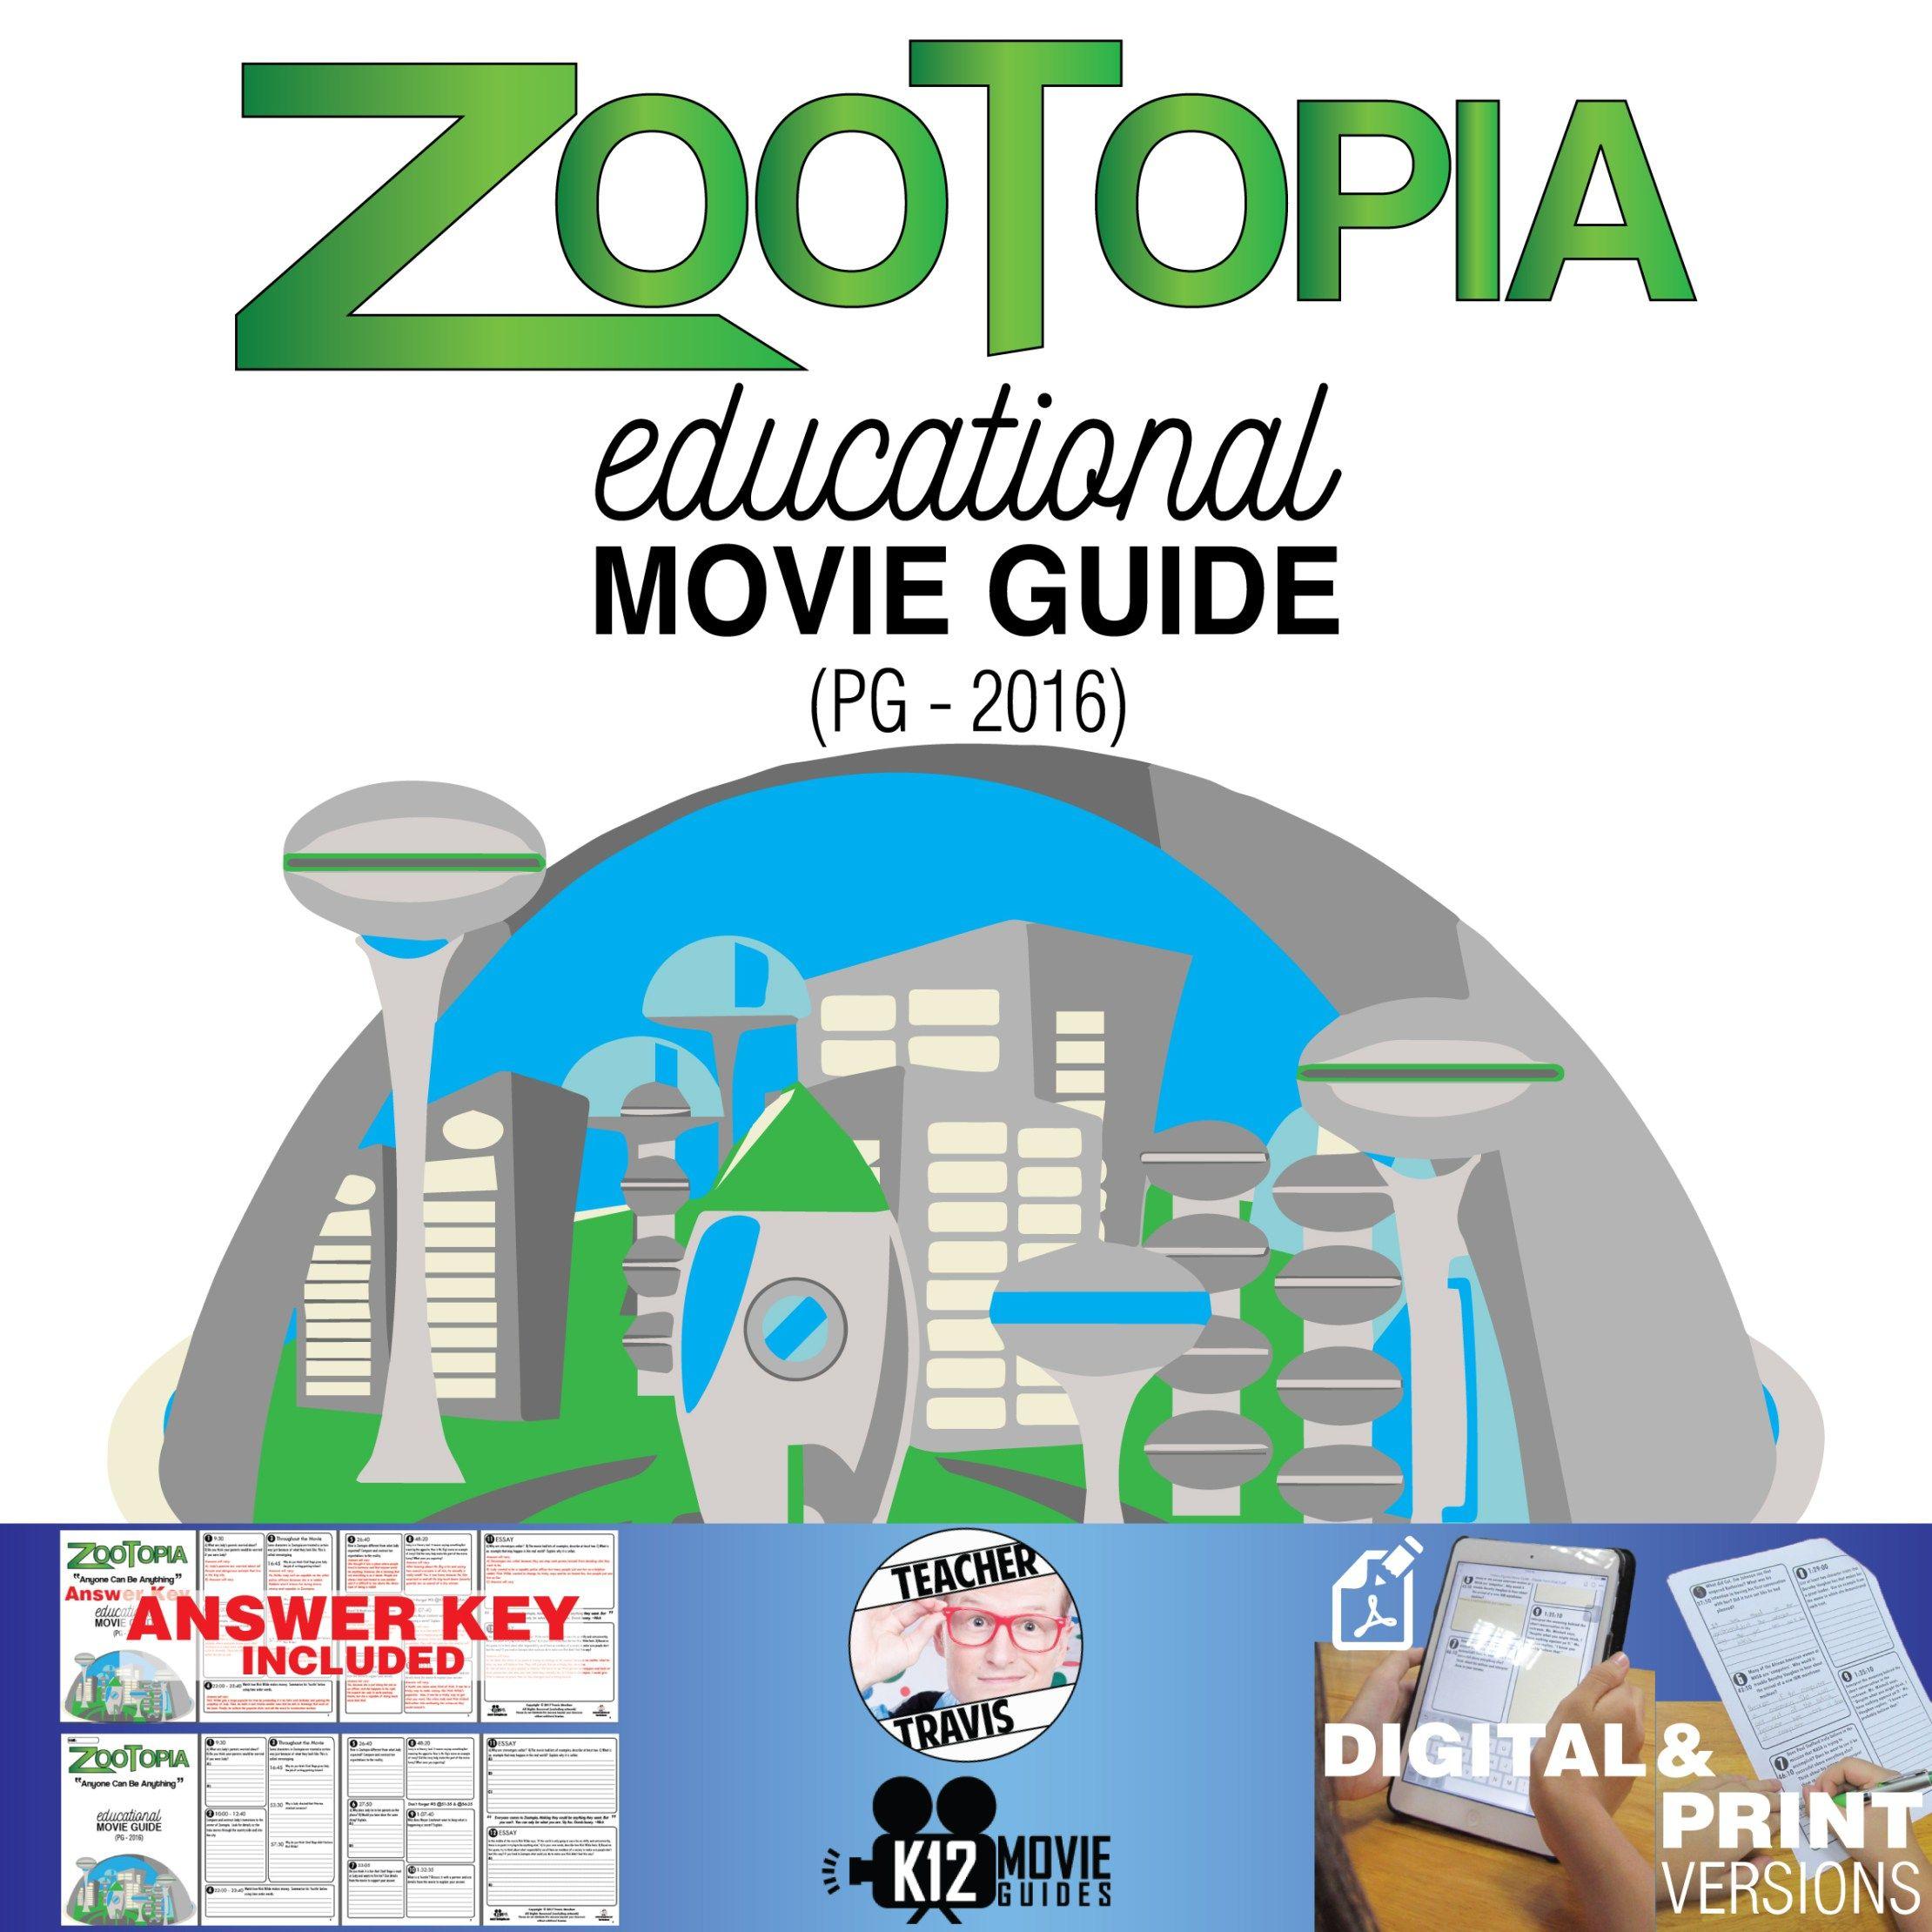 Zootopia Movie Guide